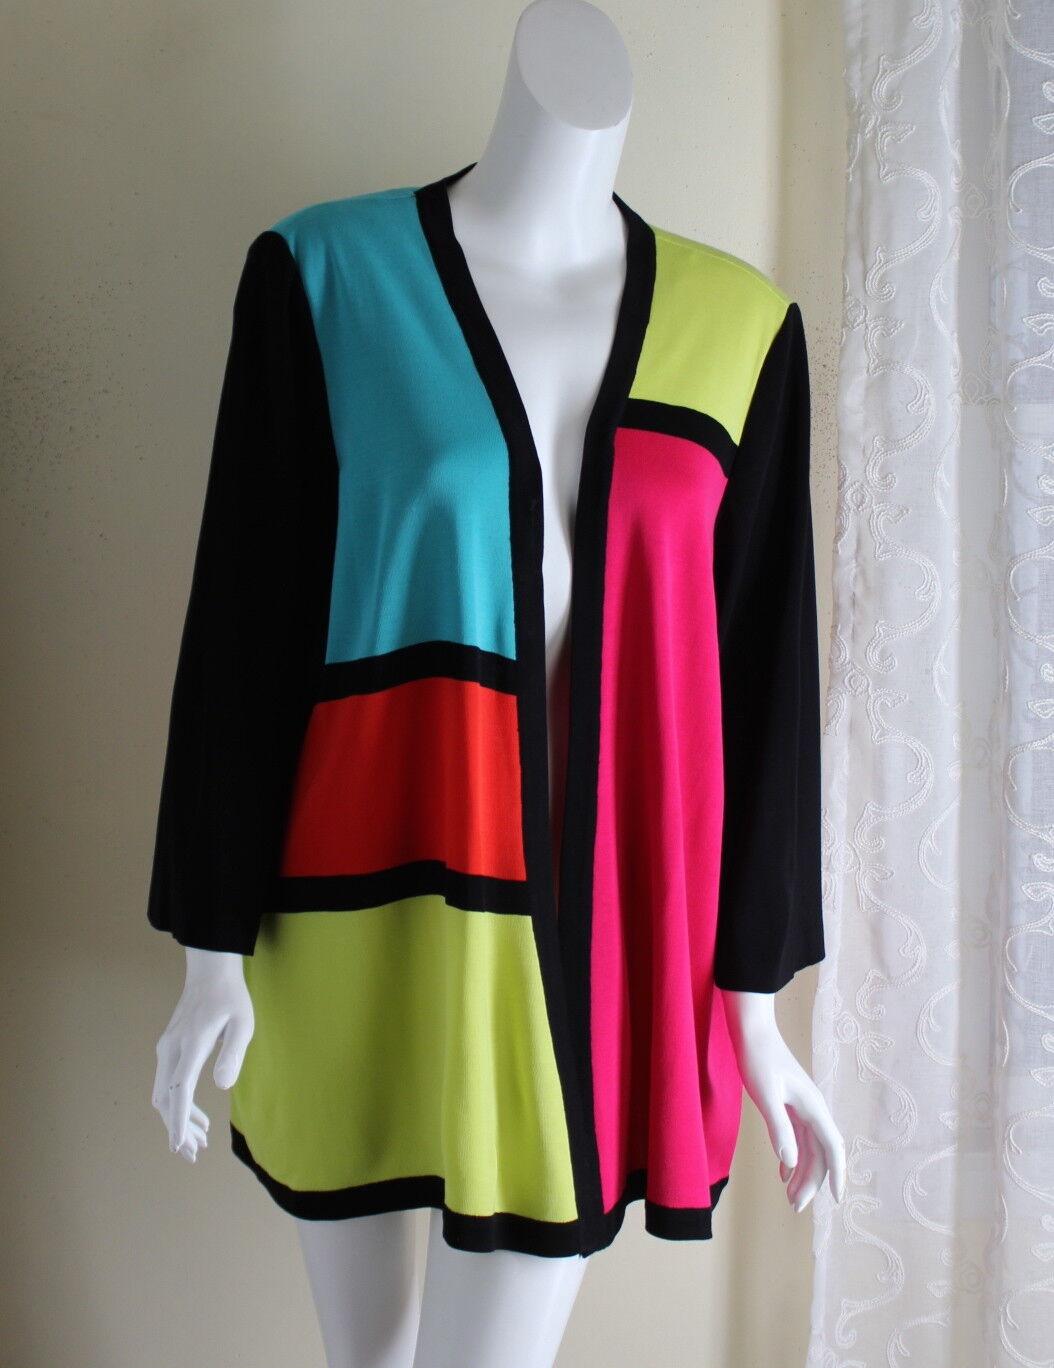 Exclusively  misook-SZ 0X XL 1X en Colors vivos feliz brillante chaqueta abierta modernista  cómodamente